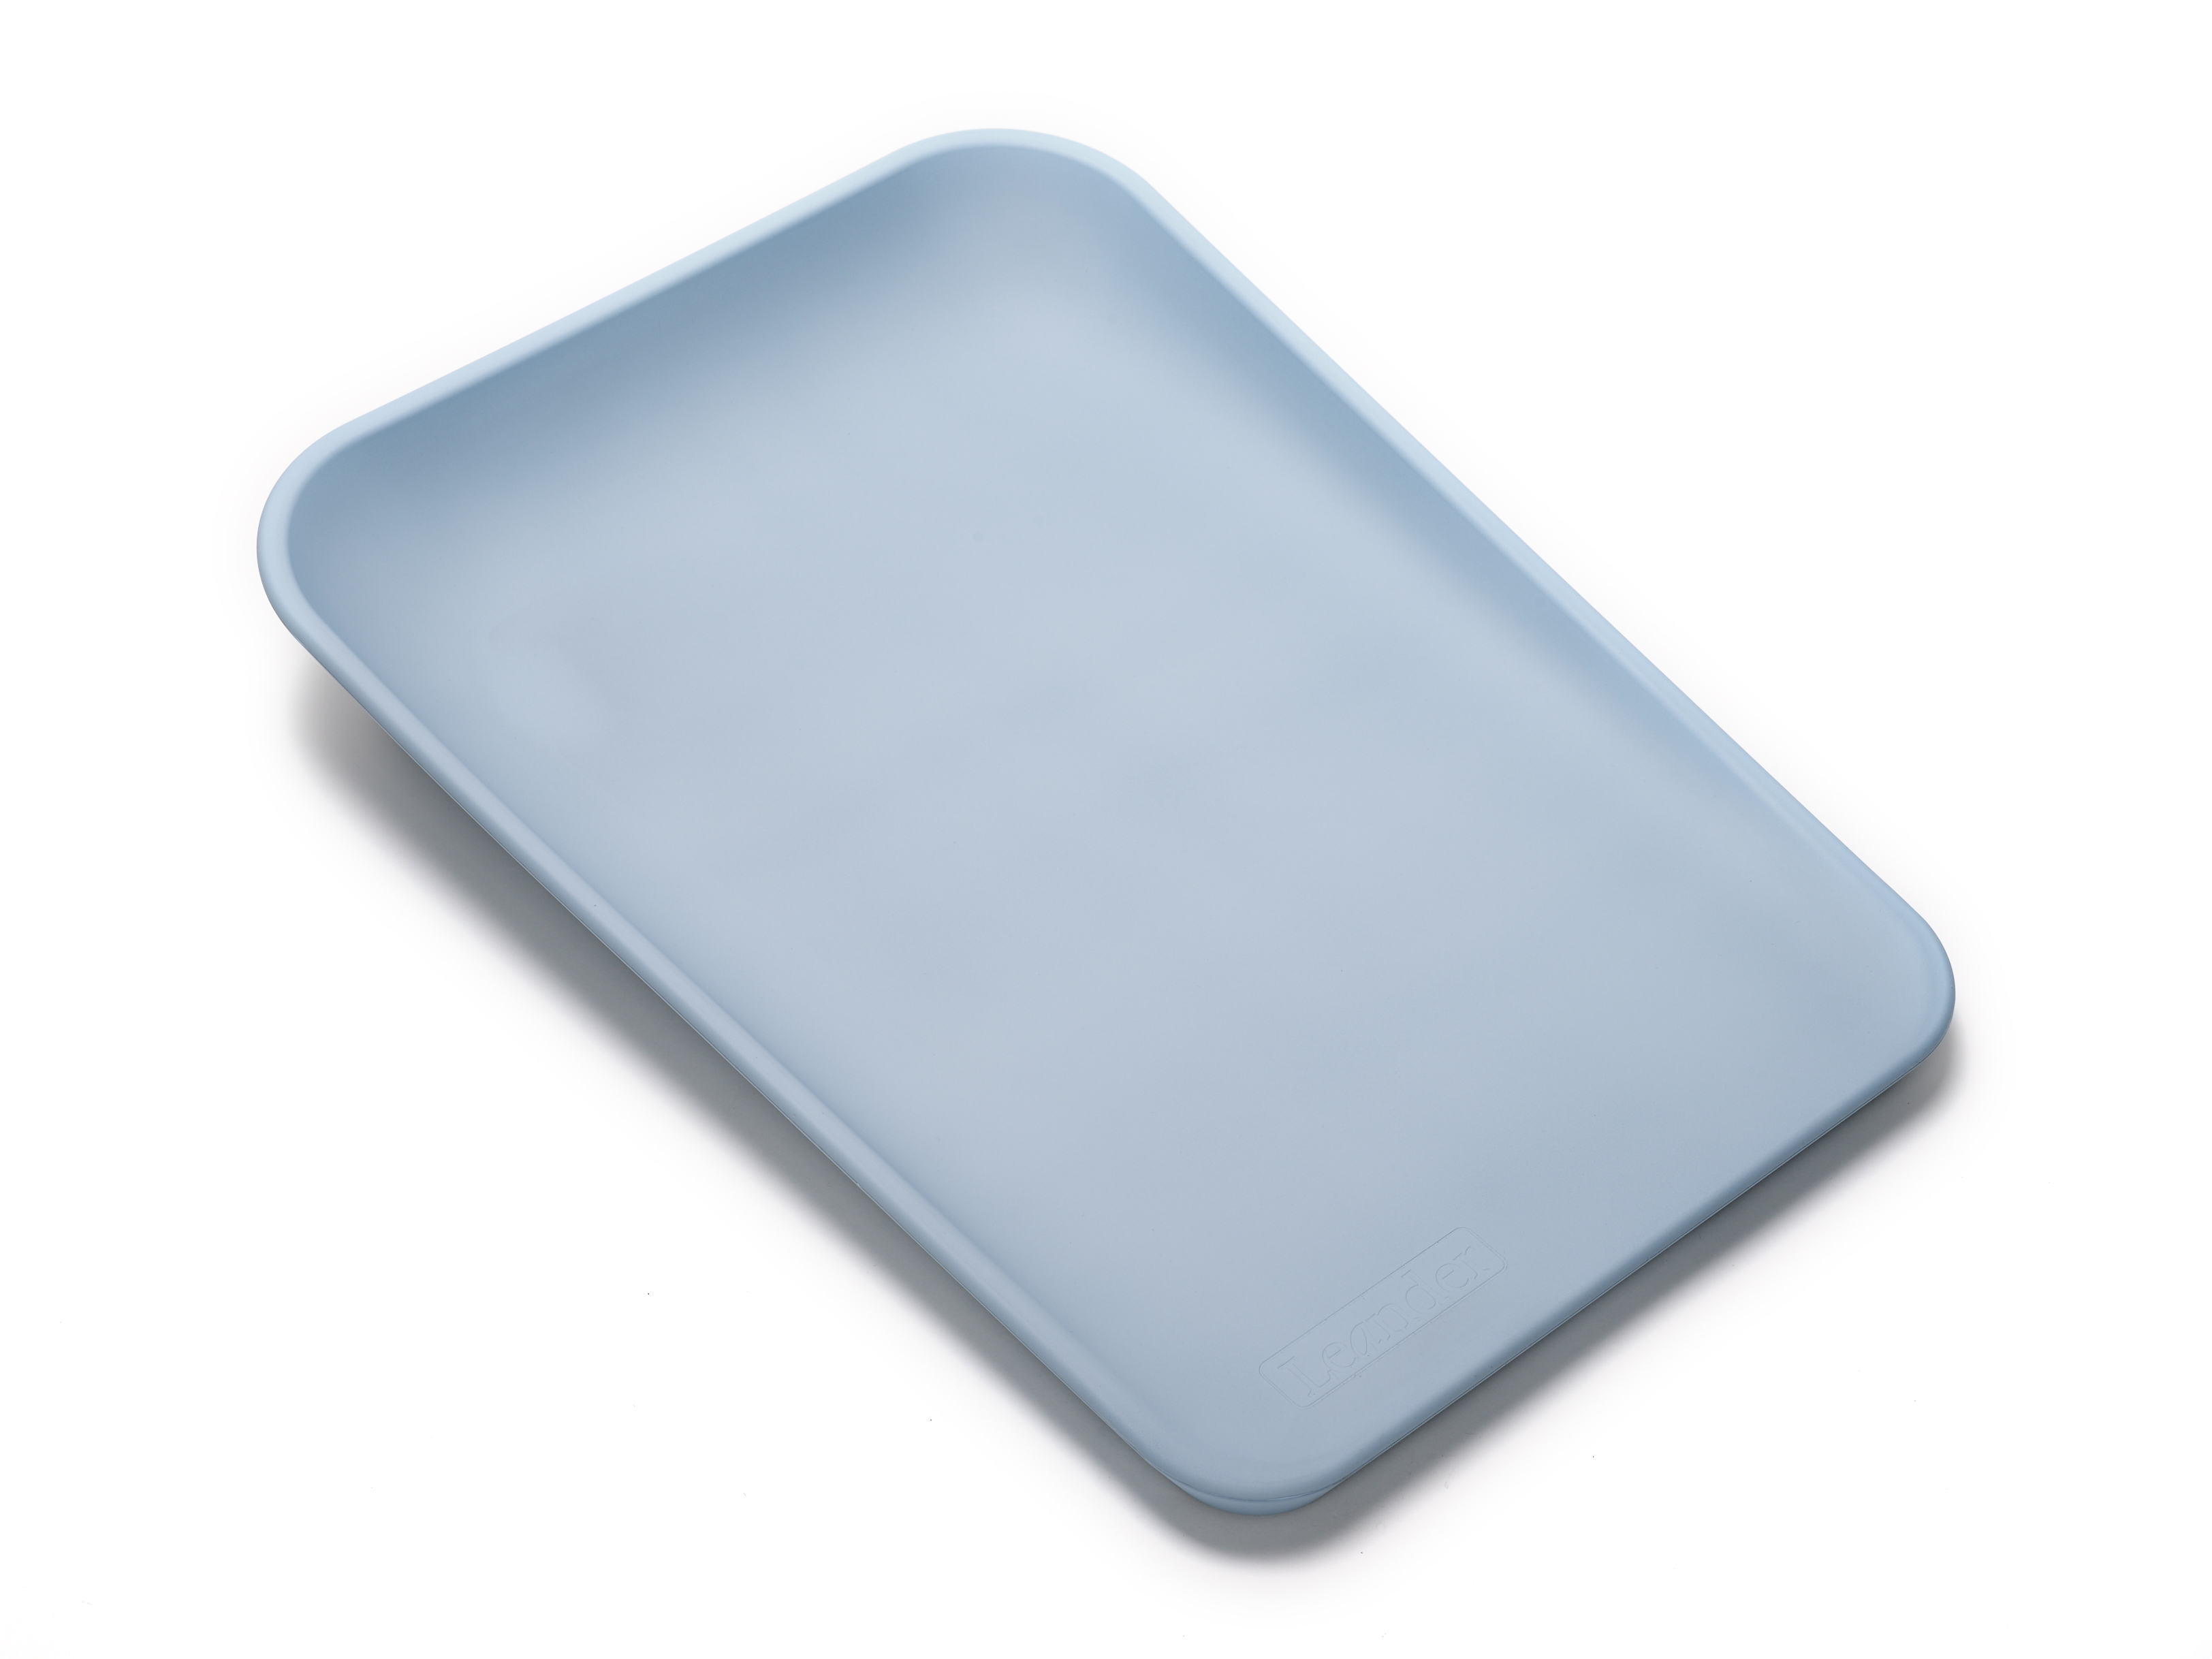 Leander matty puslepude - pale blue, 1 stk. på lager fra Leander på pixizoo